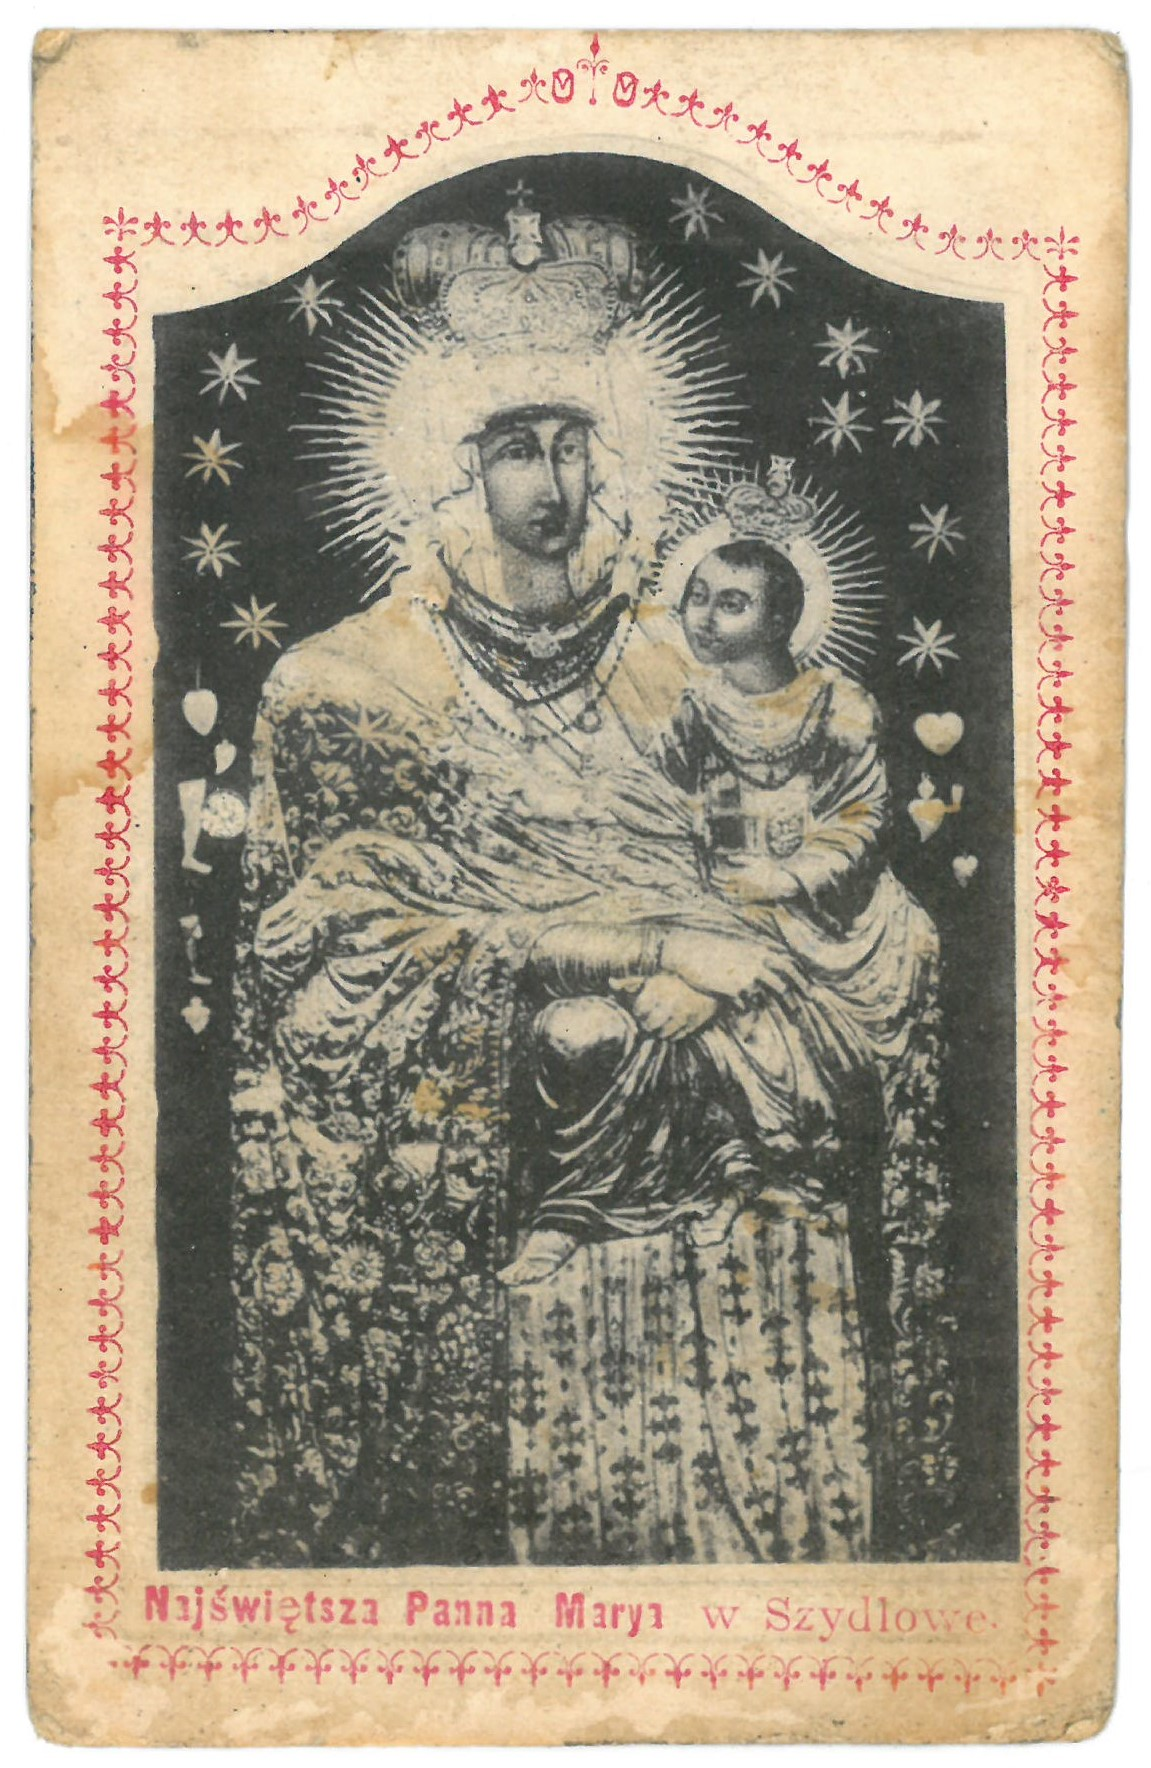 """Religinis paveikslėlis. """"Najswietsza Panna Marya w Szydłowe"""". Kitoje paveikslėlio pusėje – malda"""